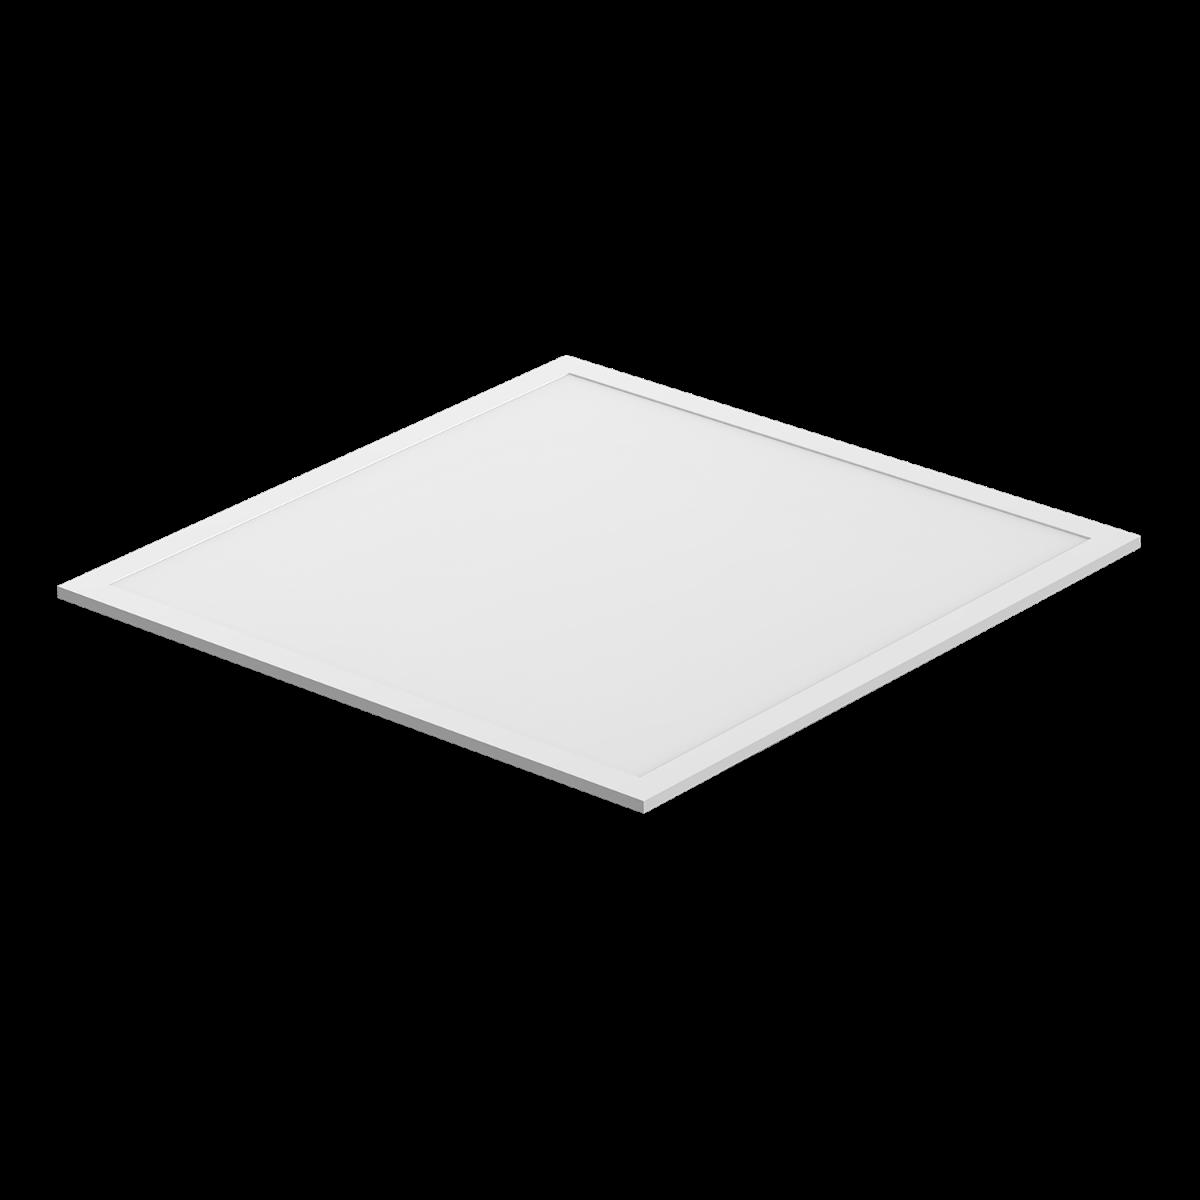 Noxion LED Paneel Econox 32W 60x60cm 6500K 4400lm UGR <22 | Vervanger voor 4x18W